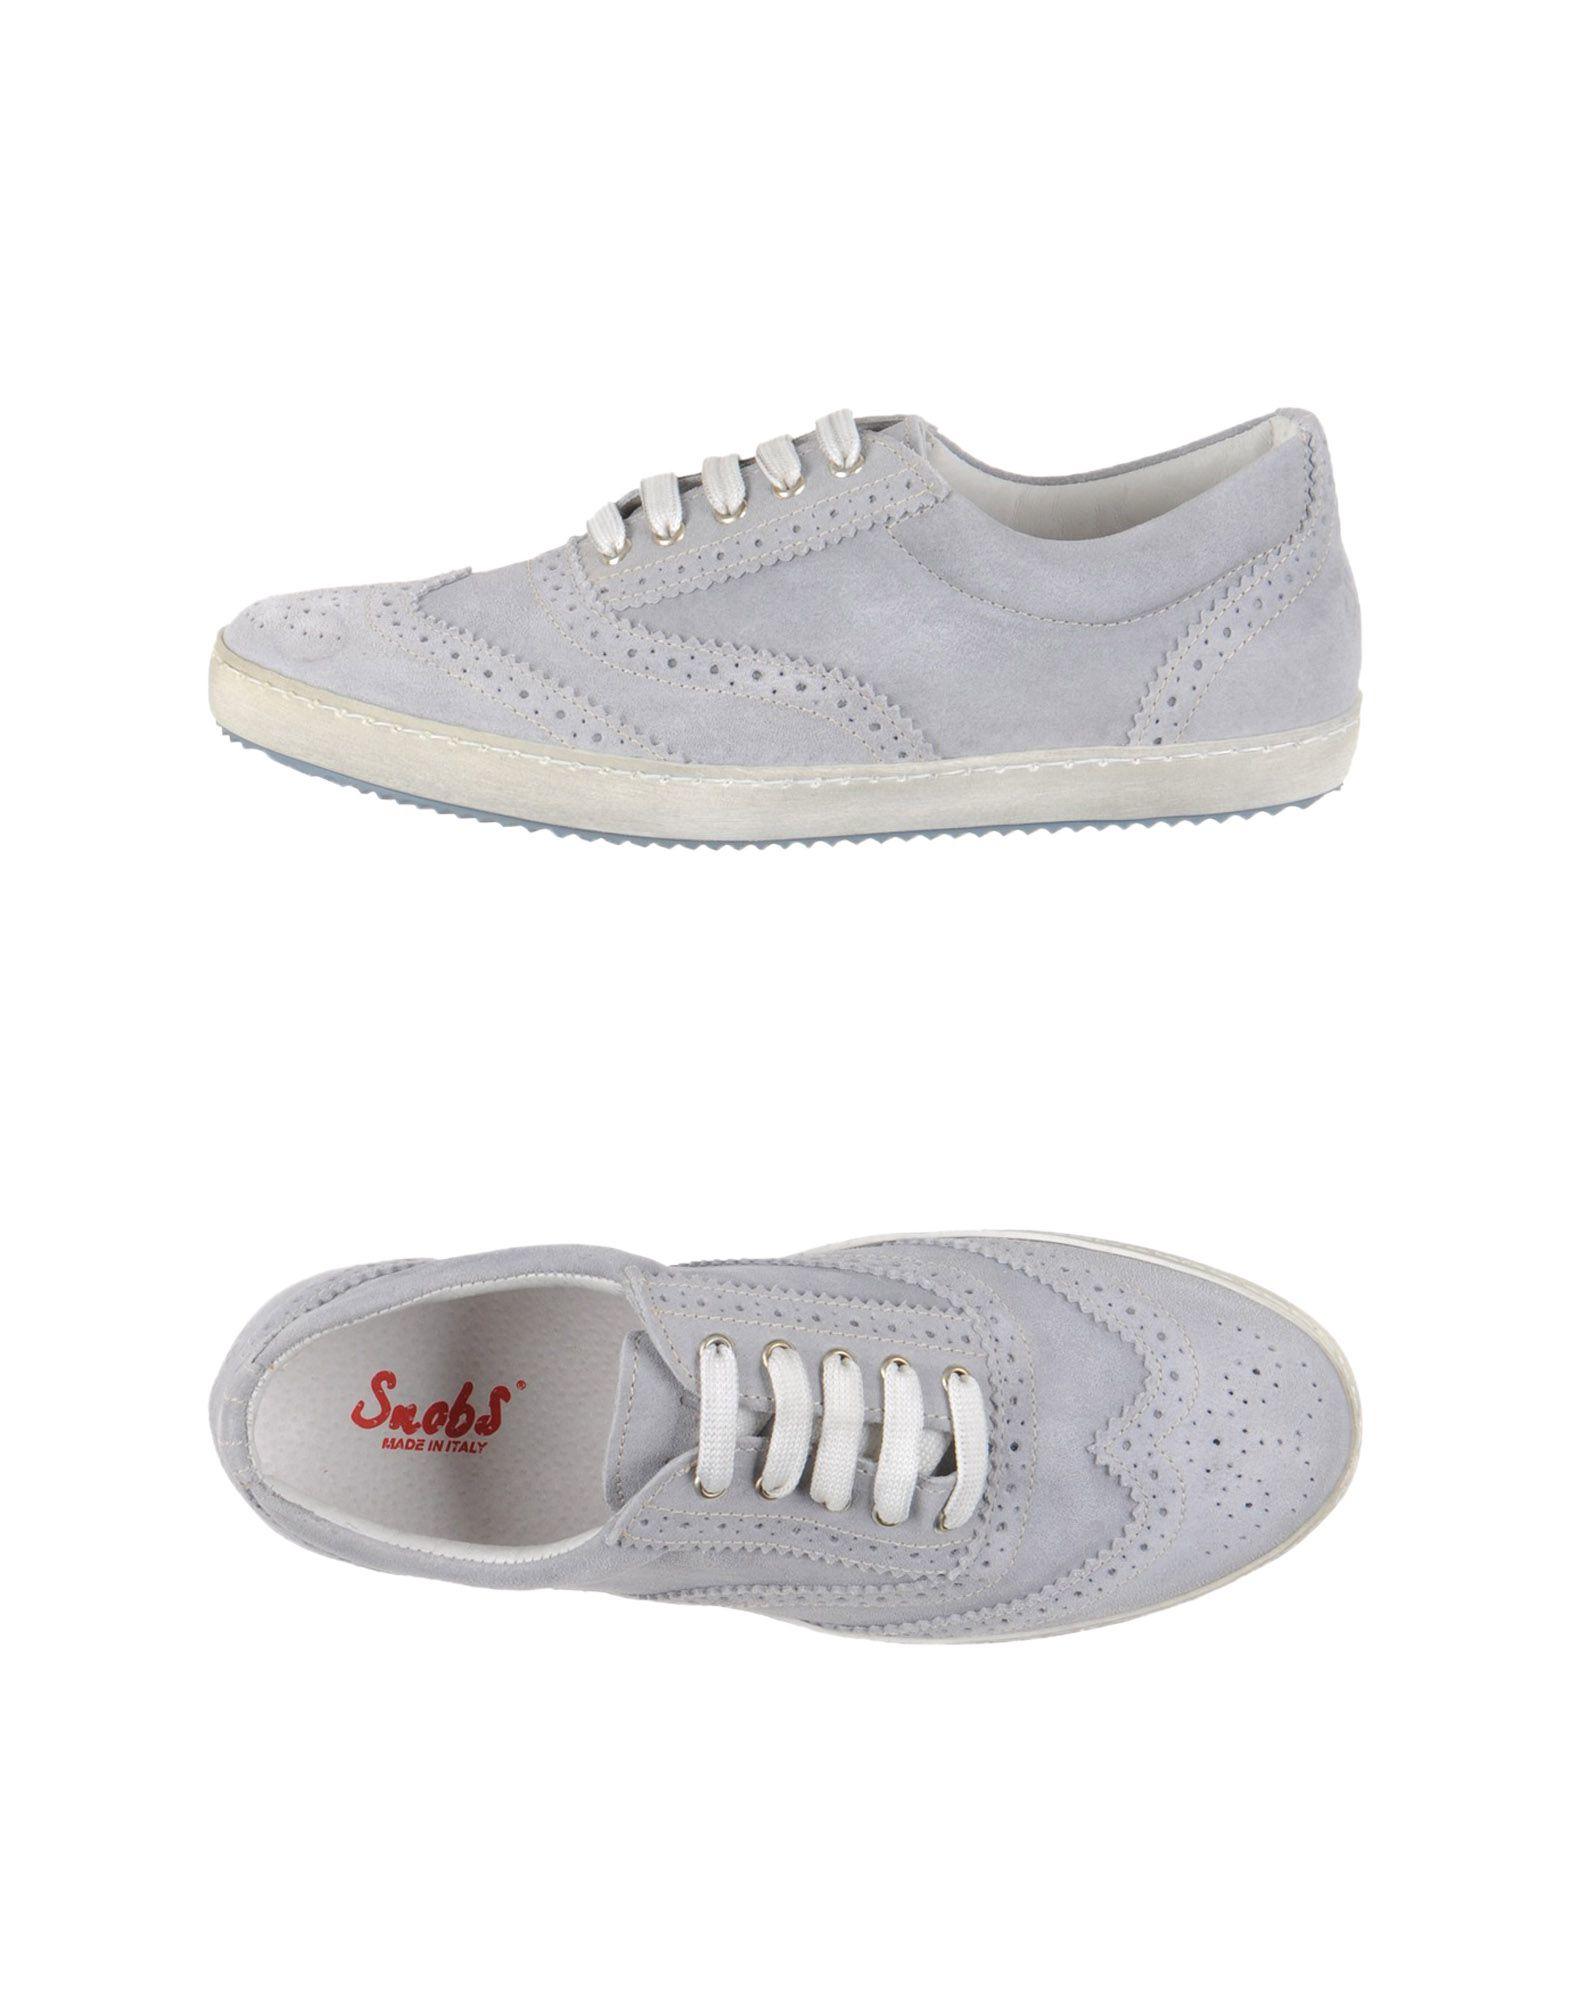 FOOTWEAR - Low-tops & sneakers Snobs JpZoJ